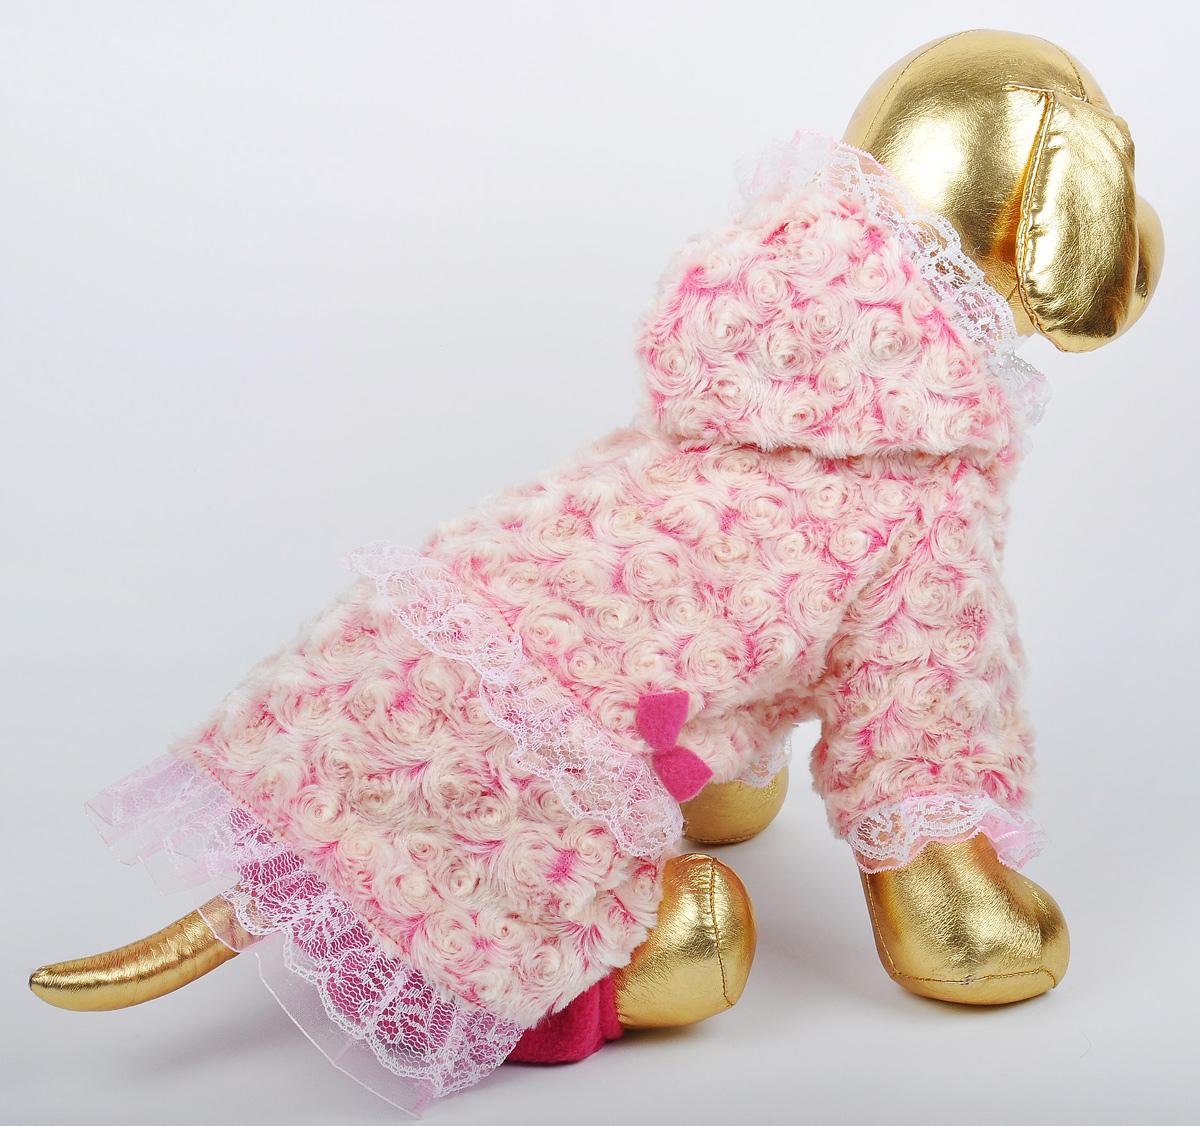 Шубка для собак GLG, цвет: розовый. Размер SК-1028-хаки-вставкаШубка для собак GLG выполнена из полиэстера и синтепона. Длинные рукава не ограничивают свободу движений, и собачка будет чувствовать себя в нем комфортно. Изделие застегивается с помощью кнопок..Модная и невероятно удобная шубка защитит вашего питомца от прохладной погоды .Длина спины: 23-25 см Обхват груди: 31-33 см.